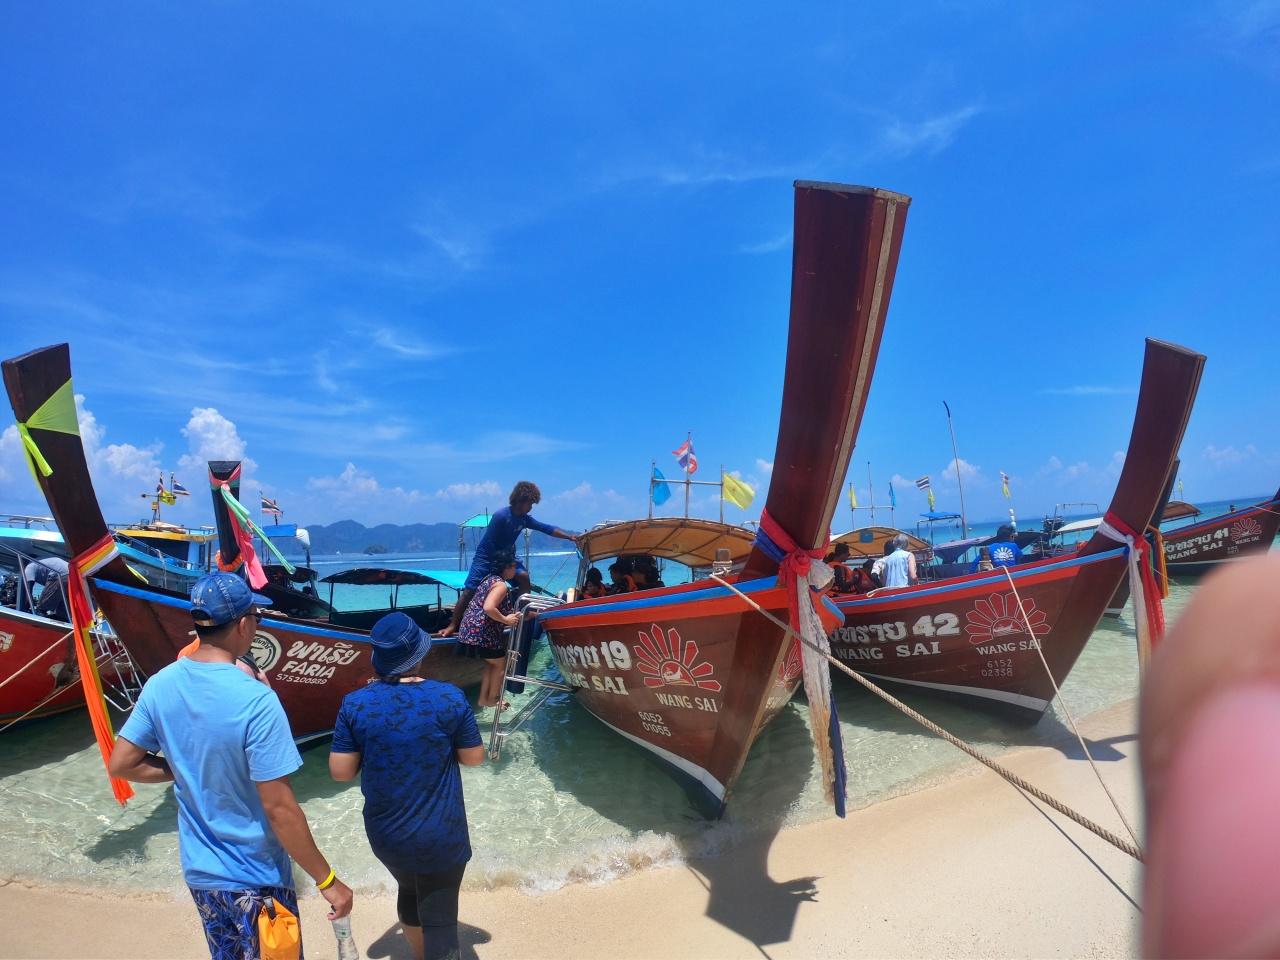 ทัวร์ 4 เกาะ เรือหางยาว